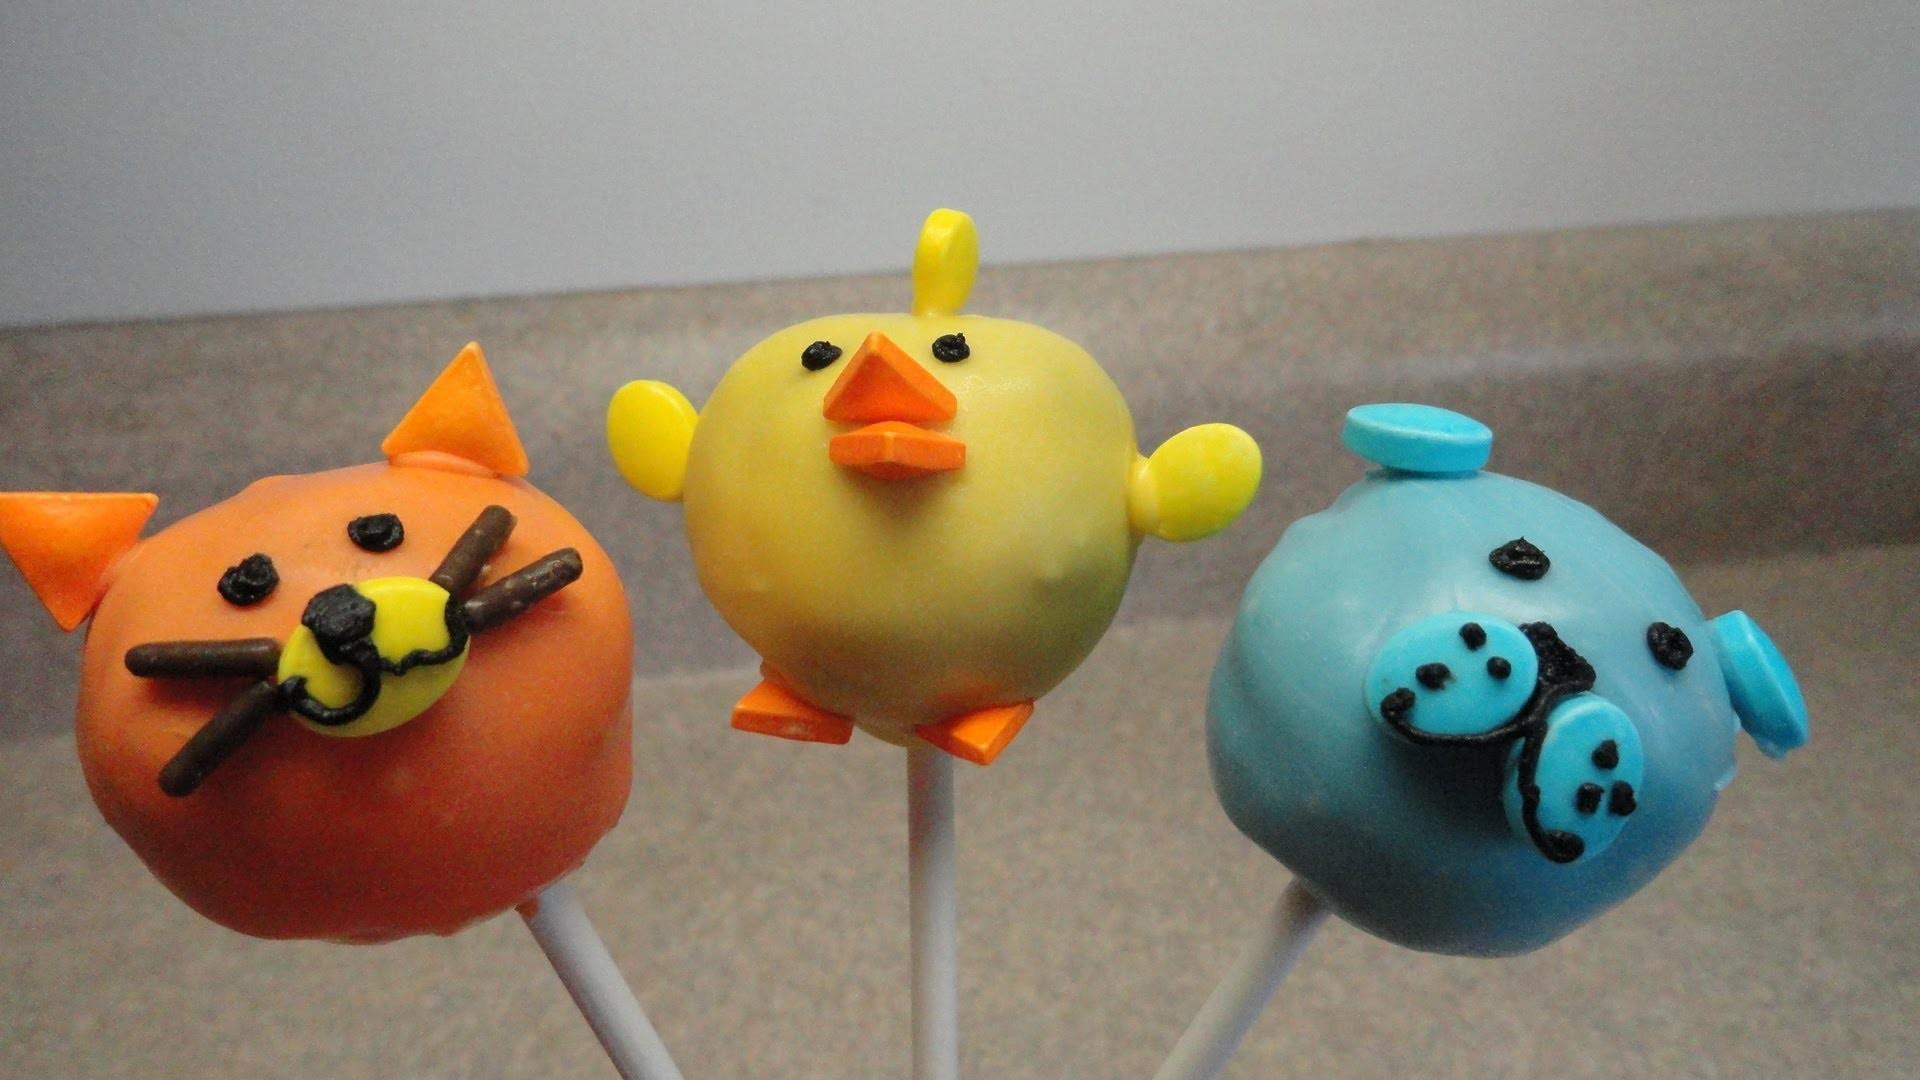 Dog, Cat, Chick Cakepops (Wilton Sprinkle Set Demo)